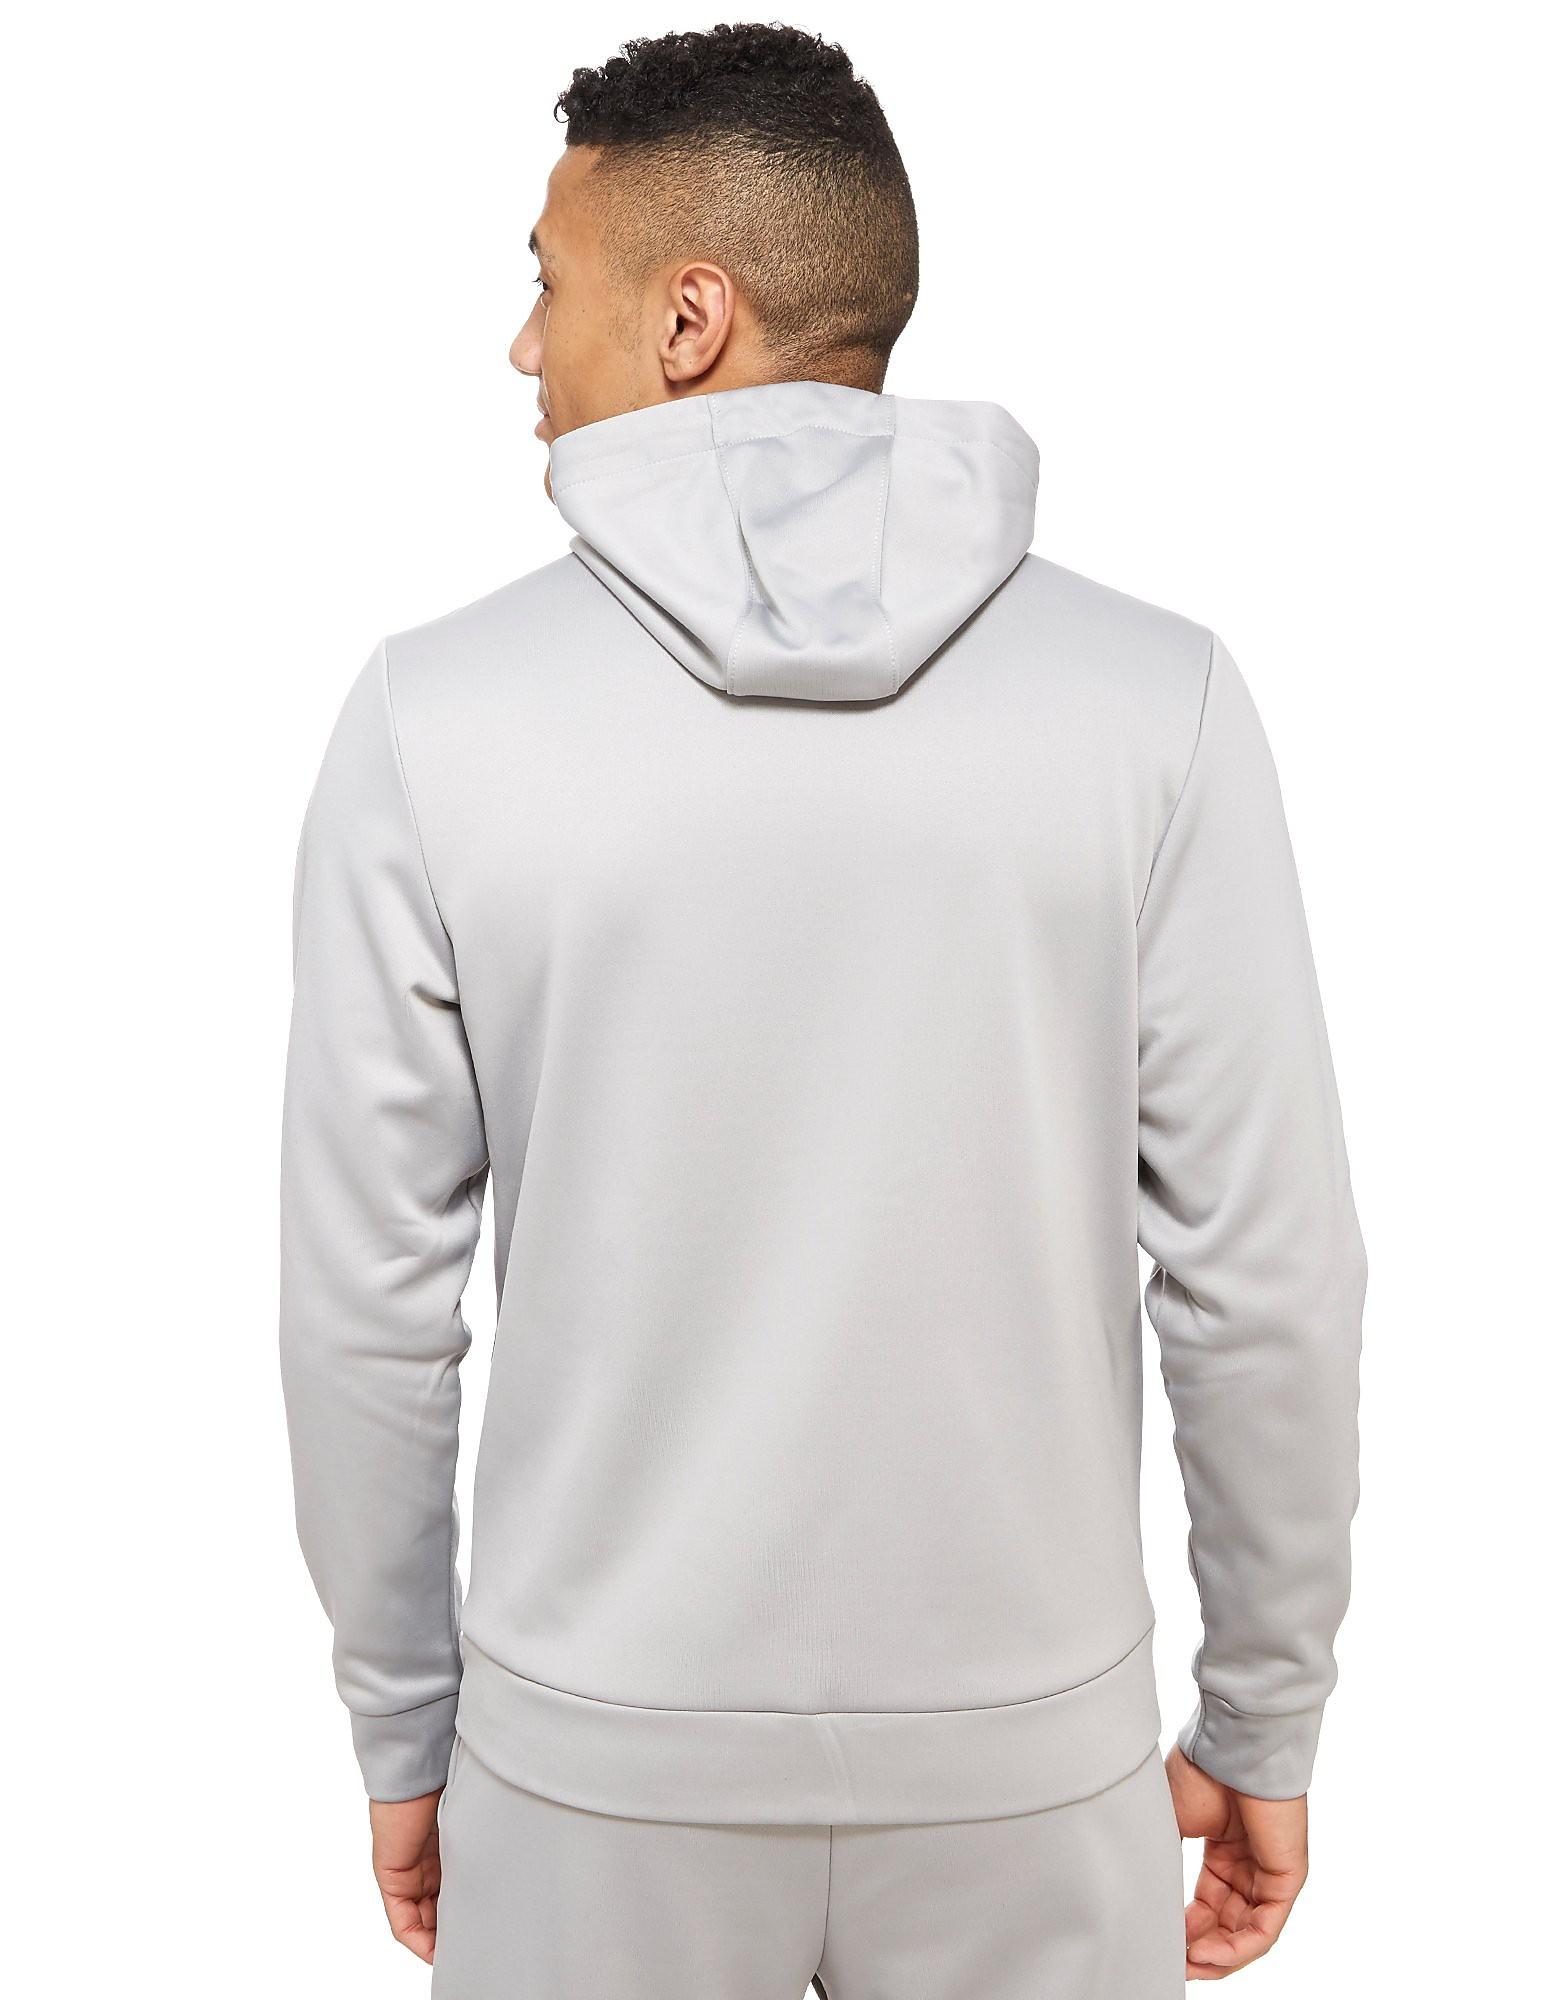 Jordan Therma 23 Protect Full Zip Hoody